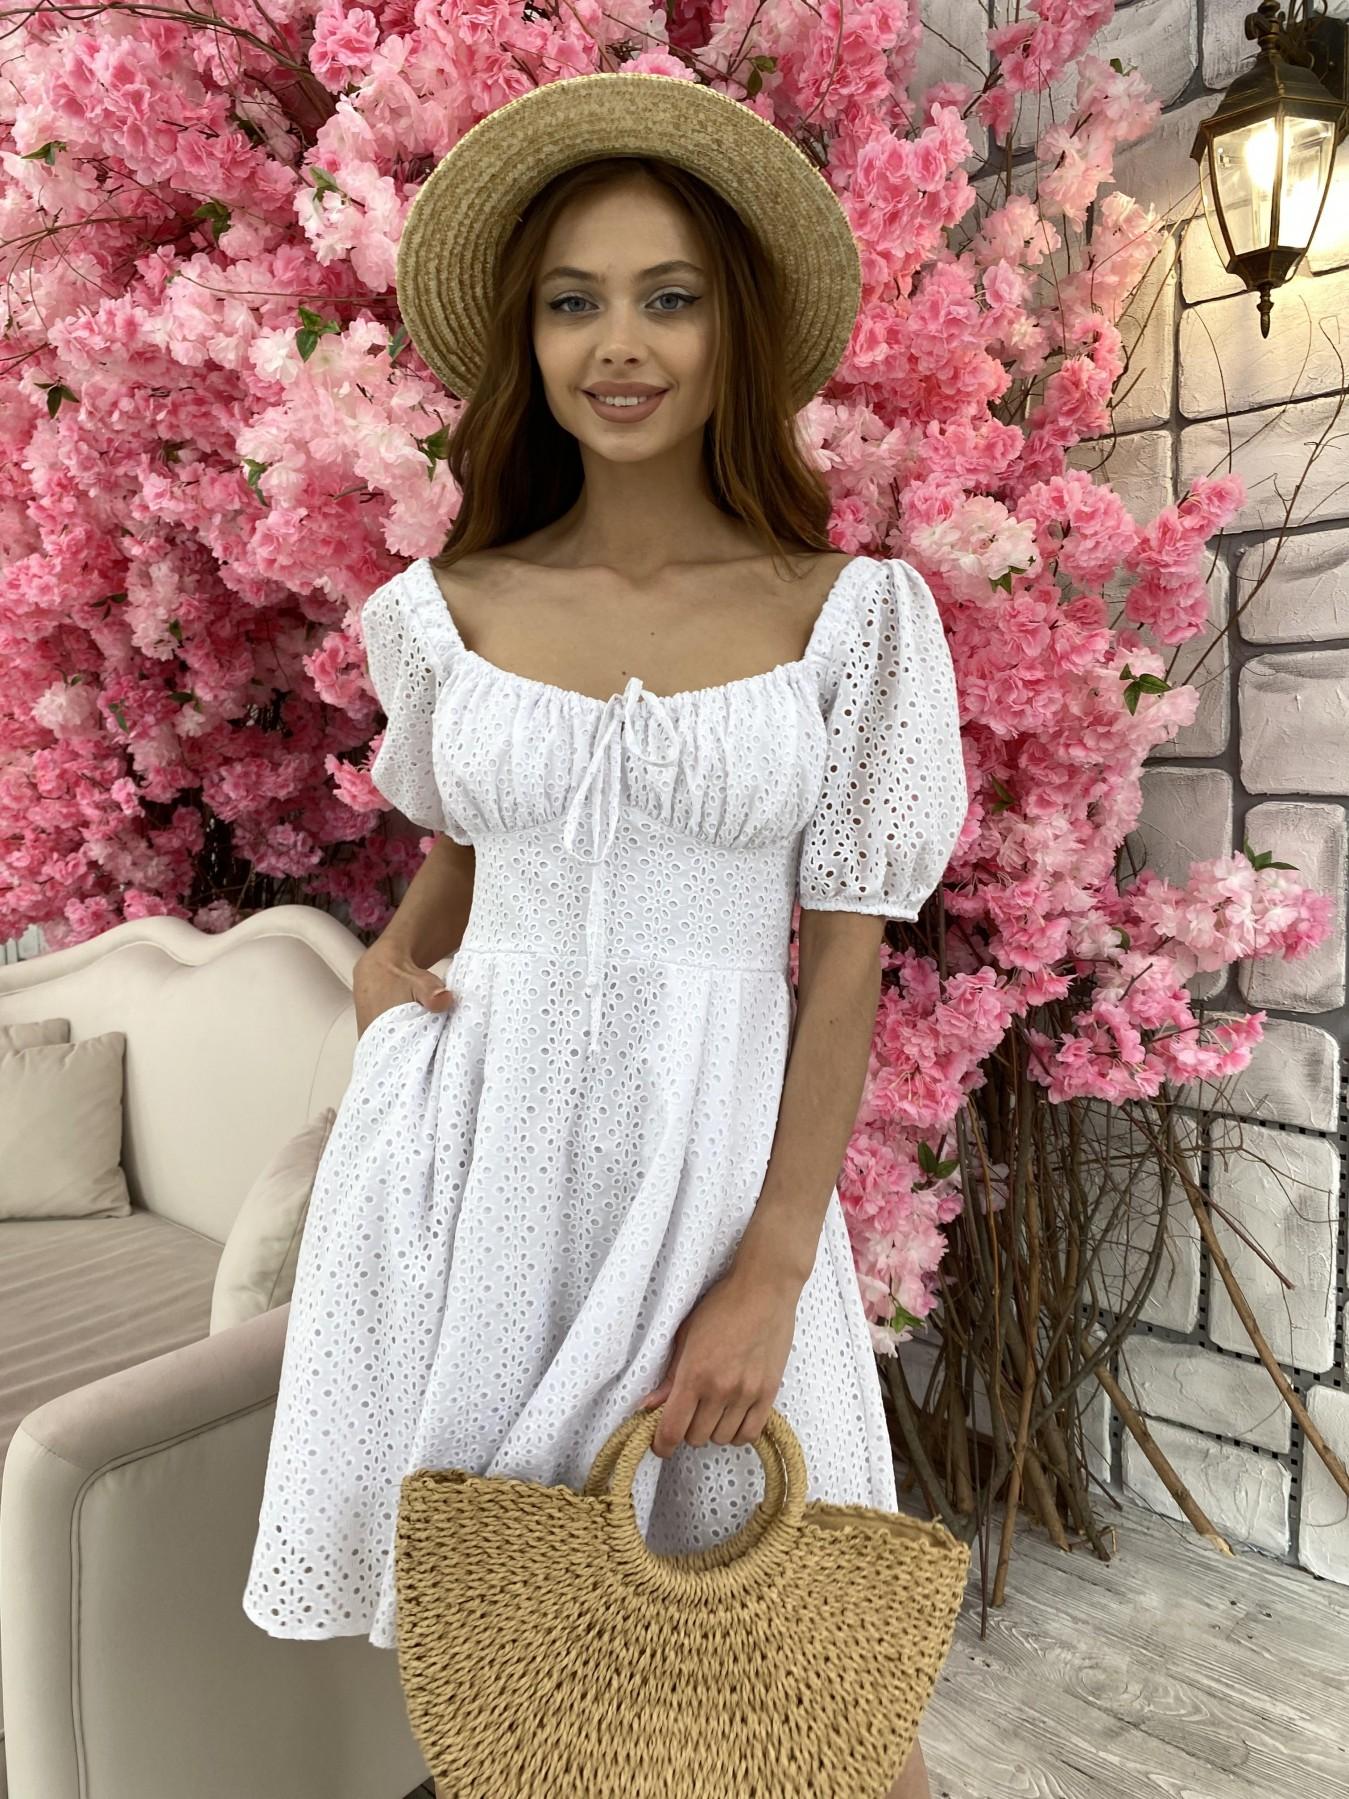 Кисес мини платье из прошвы 11439 АРТ. 48012 Цвет: Белый/МелЦветПерфор - фото 7, интернет магазин tm-modus.ru